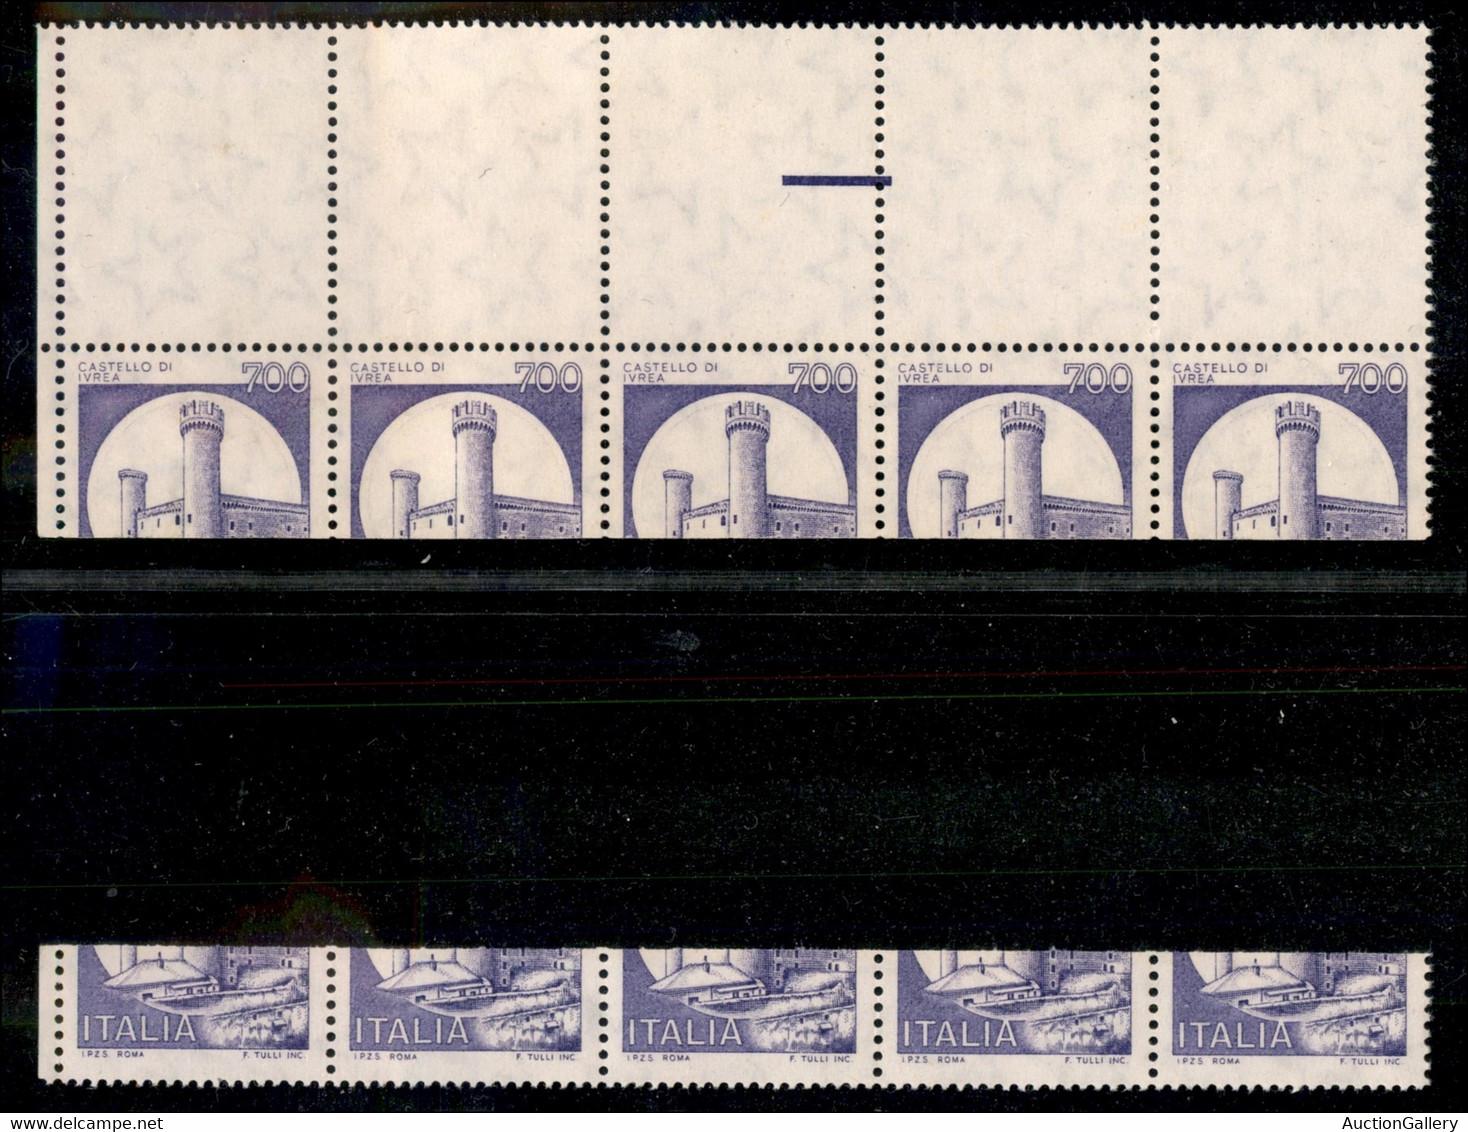 Repubblica - Posta Ordinaria - 1980 - Naturale (viola) - Errore Di Taglio - 700 Lire Ivrea (1523 Varietà) - Striscia Ori - Non Classificati